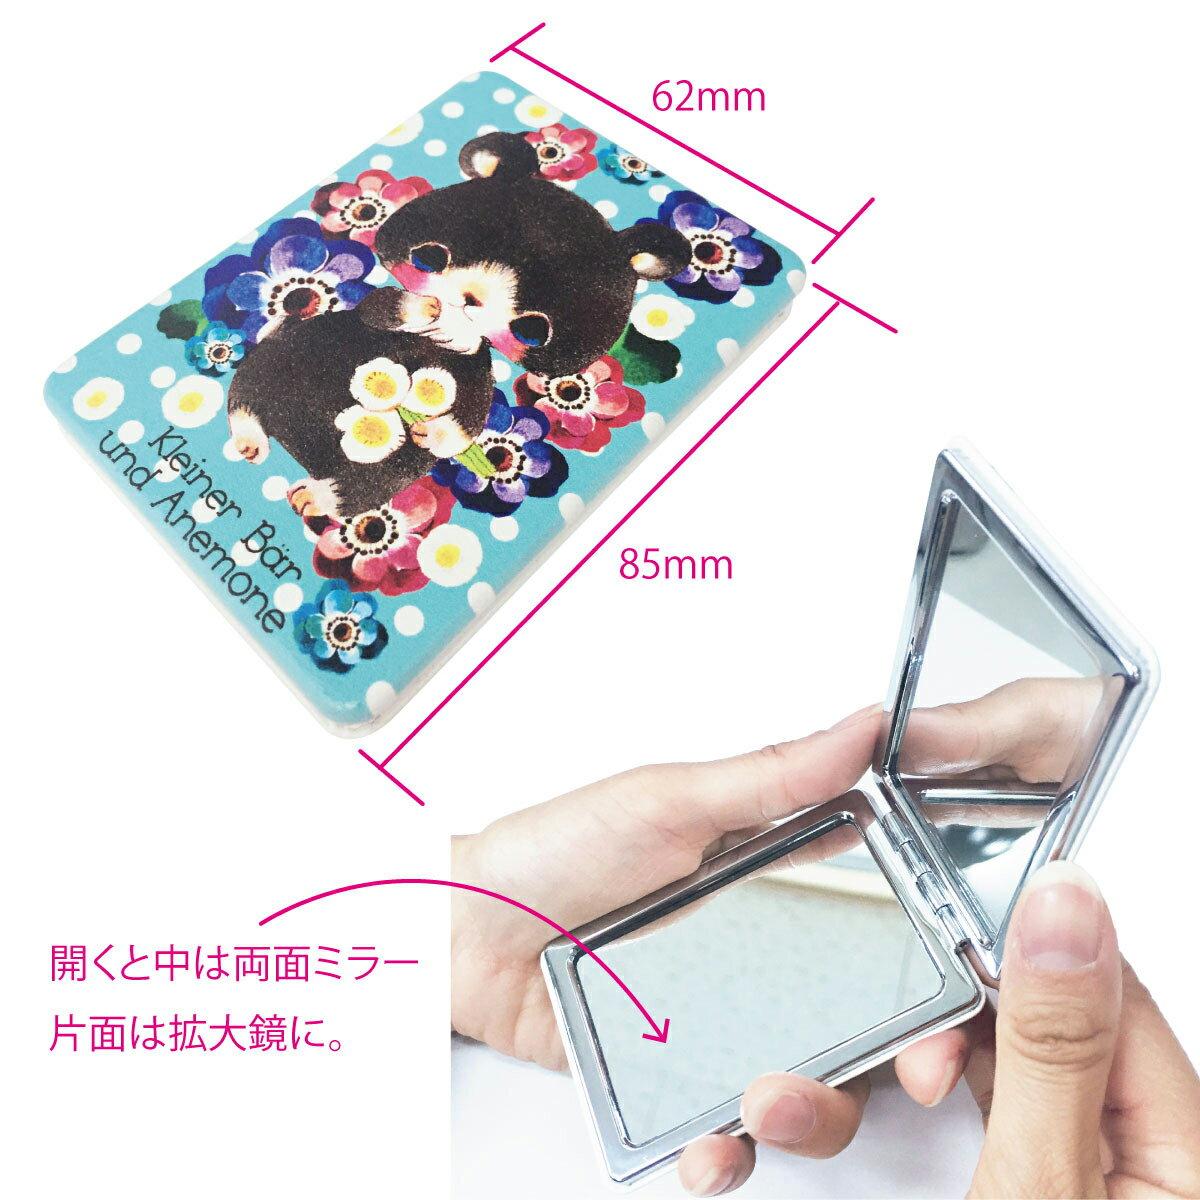 手鏡 コンパクトミラー ハンドミラー 拡大鏡付 持ち歩きに便利 かわいい ともわか  発送はメール便 mr-008